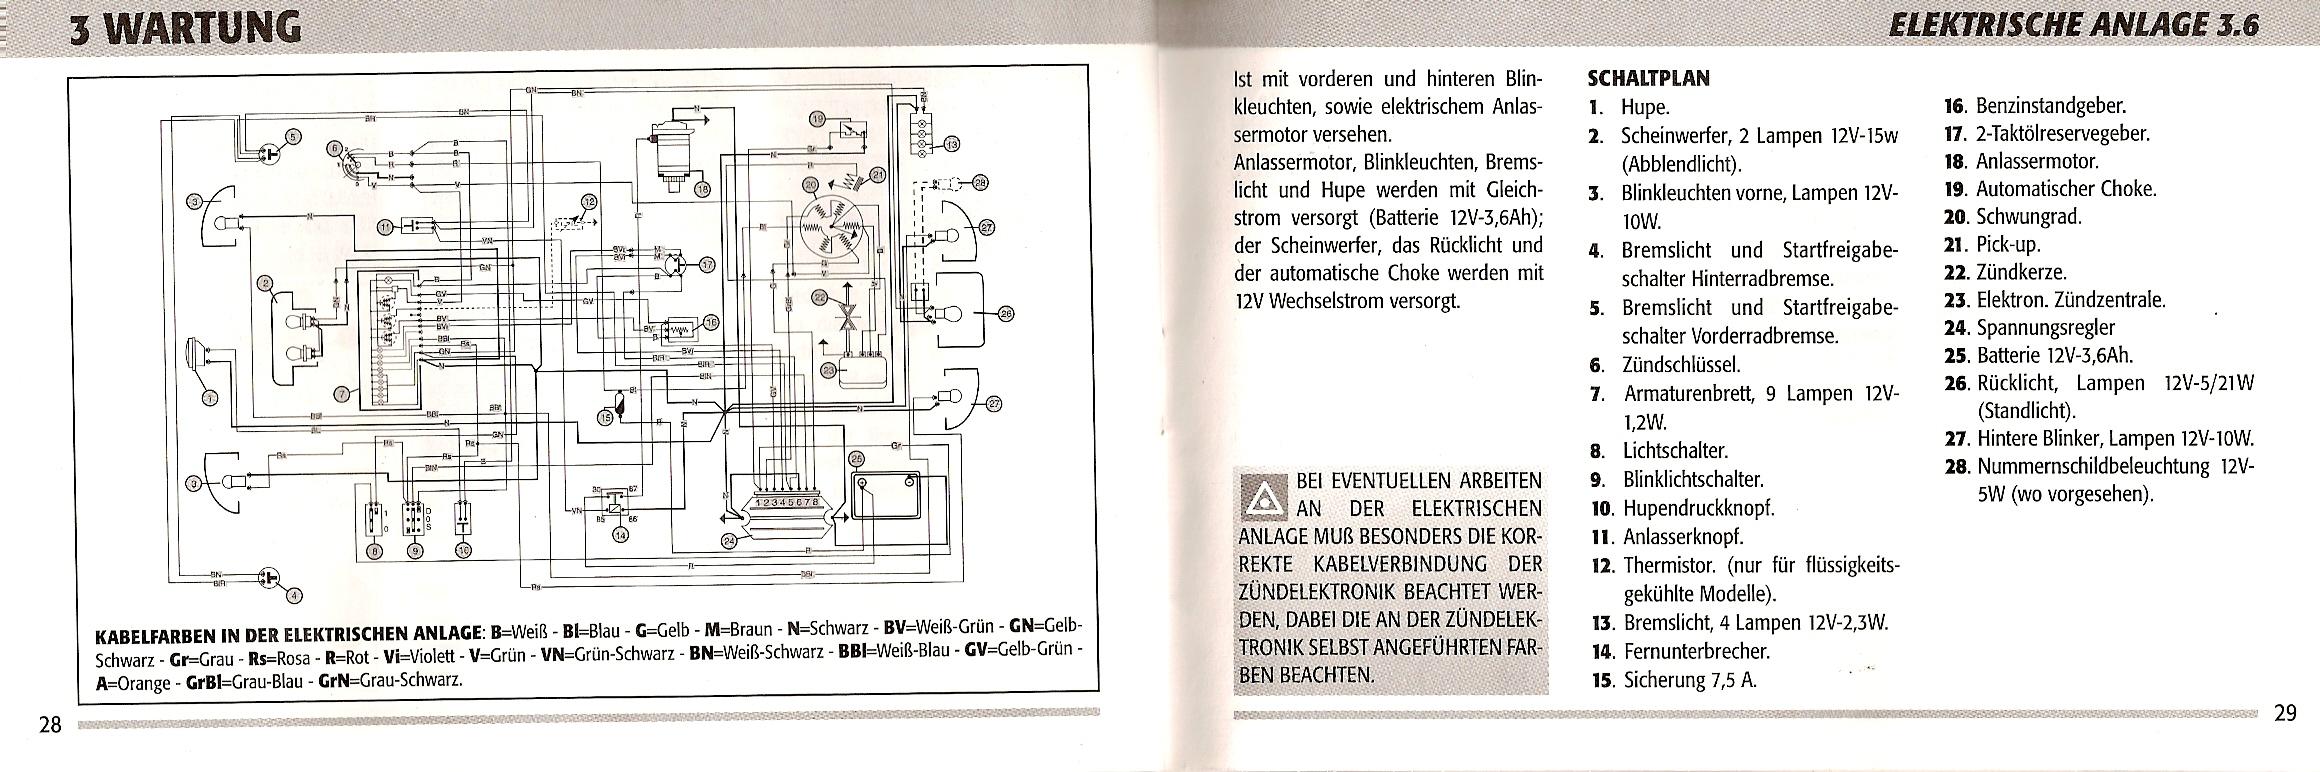 piaggio motorcycle manuals pdf wiring diagrams fault codes rh motorcycle manual com